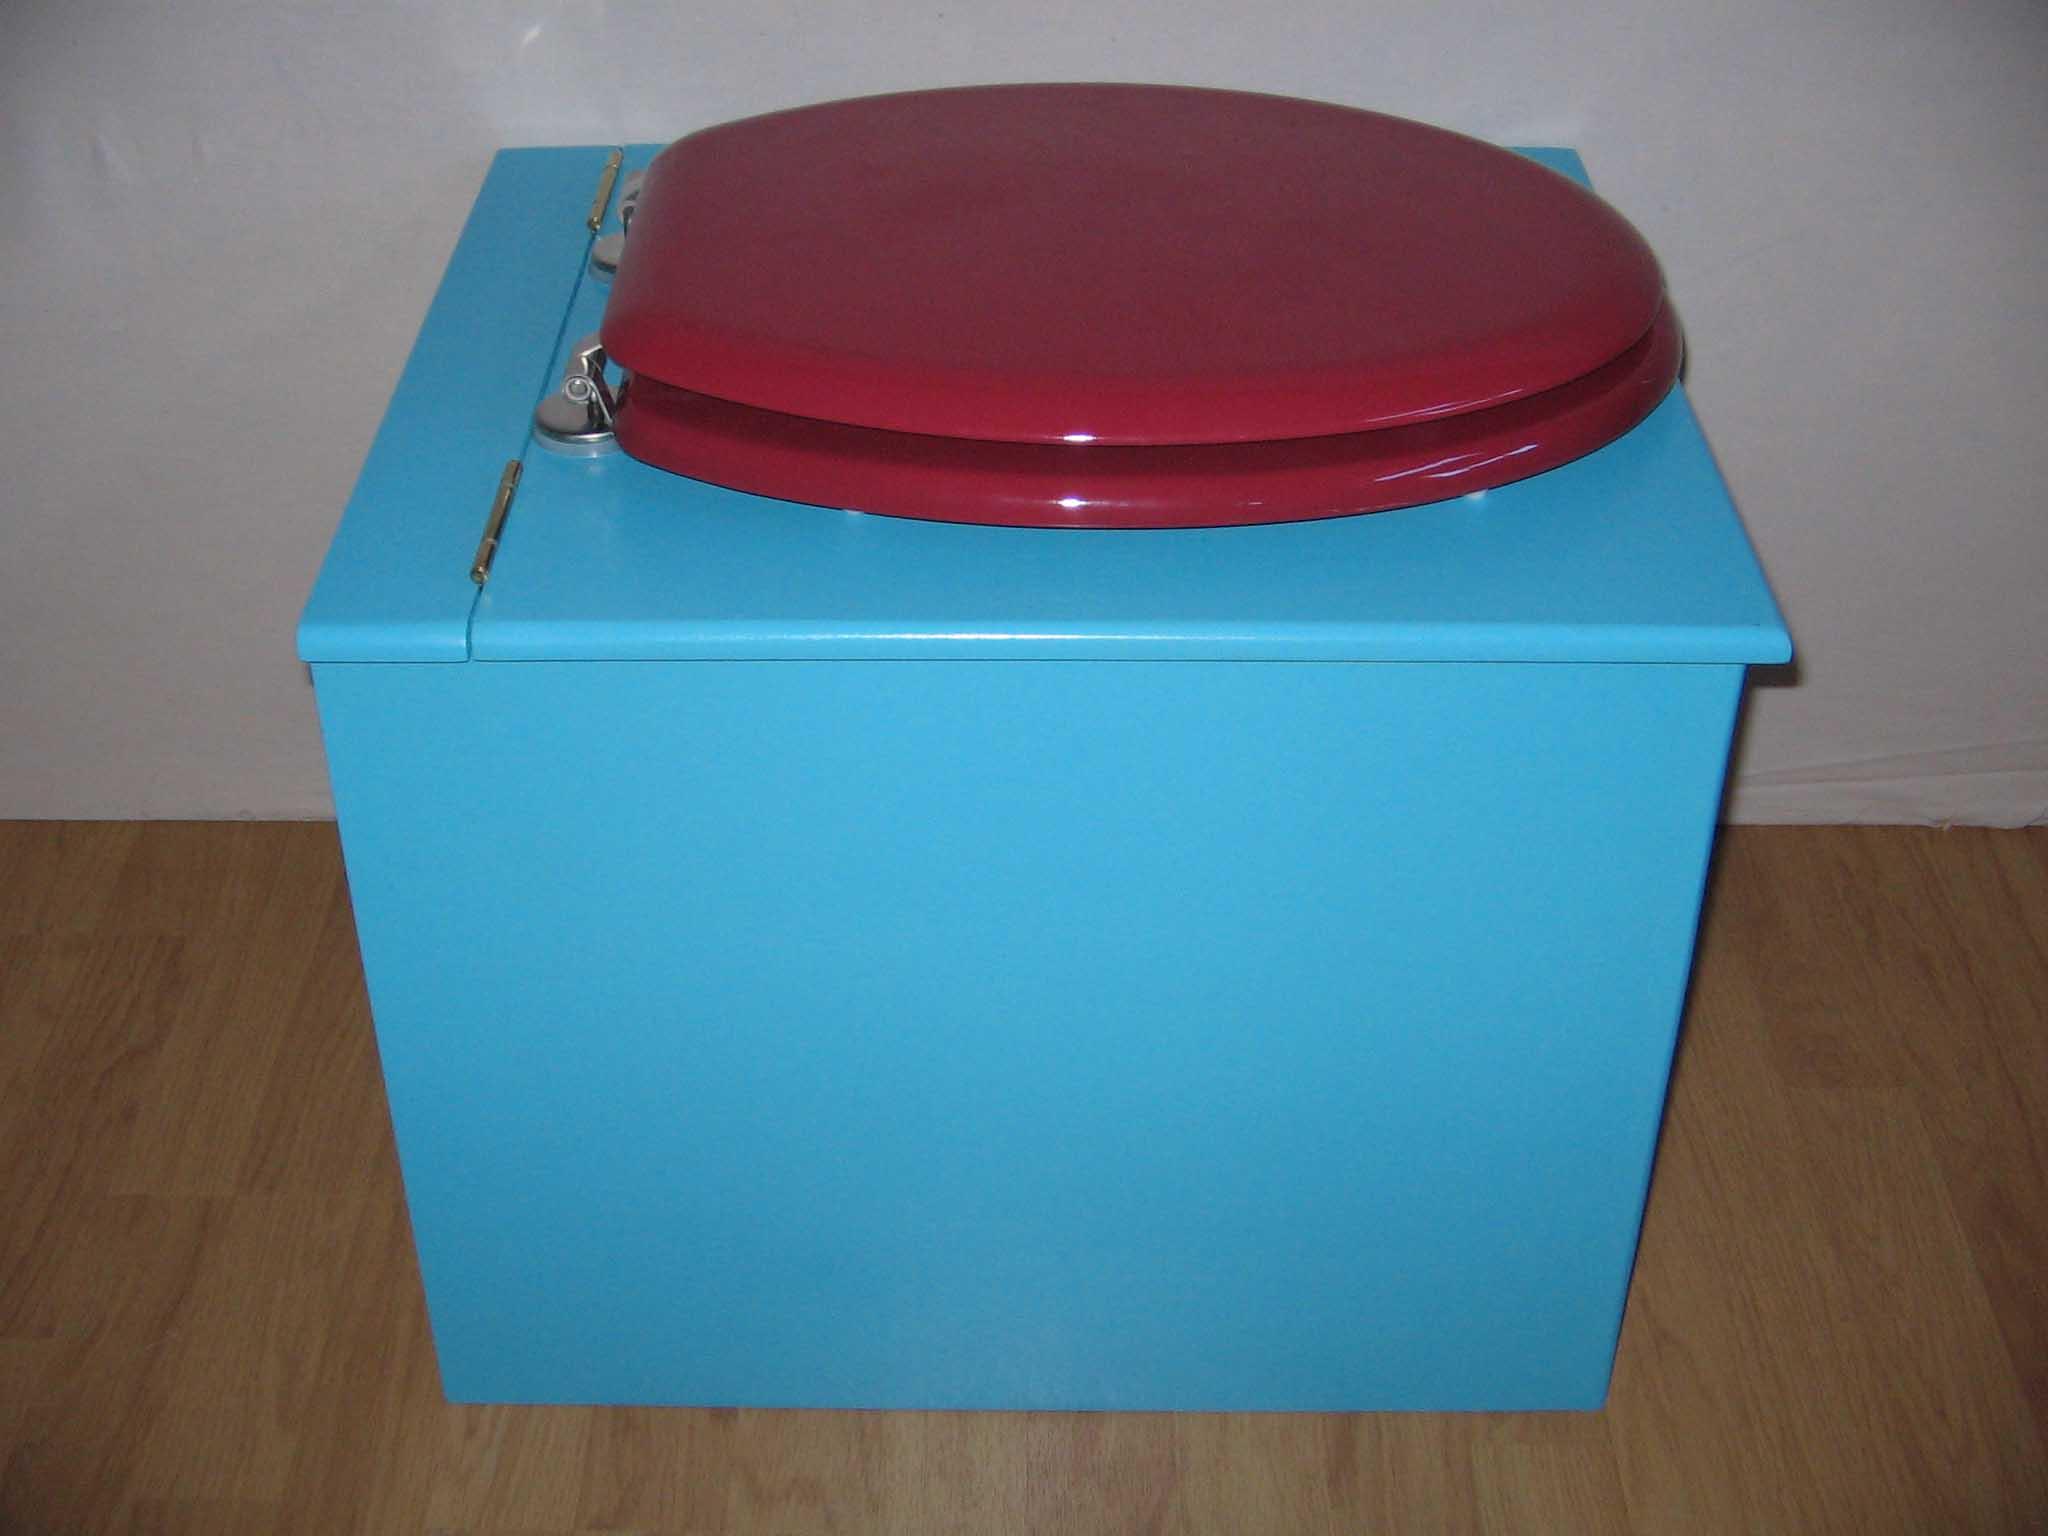 toilette sèche originale bleu